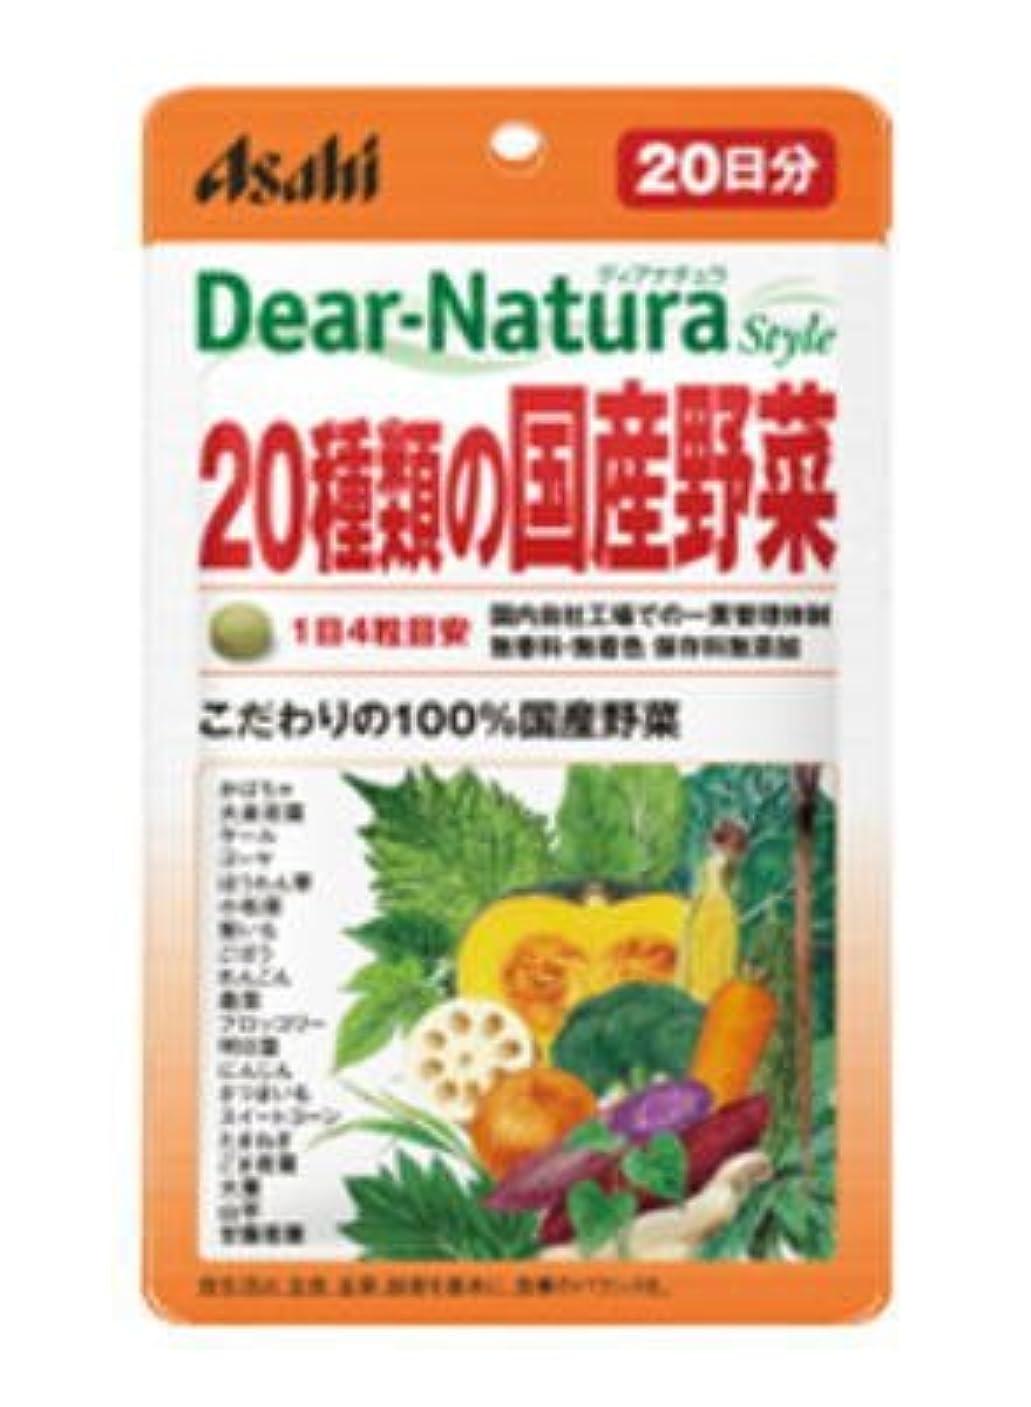 見習い落ち着いて復活させるアサヒ ディアナチュラ 20種類の国産野菜 80粒×10個セット